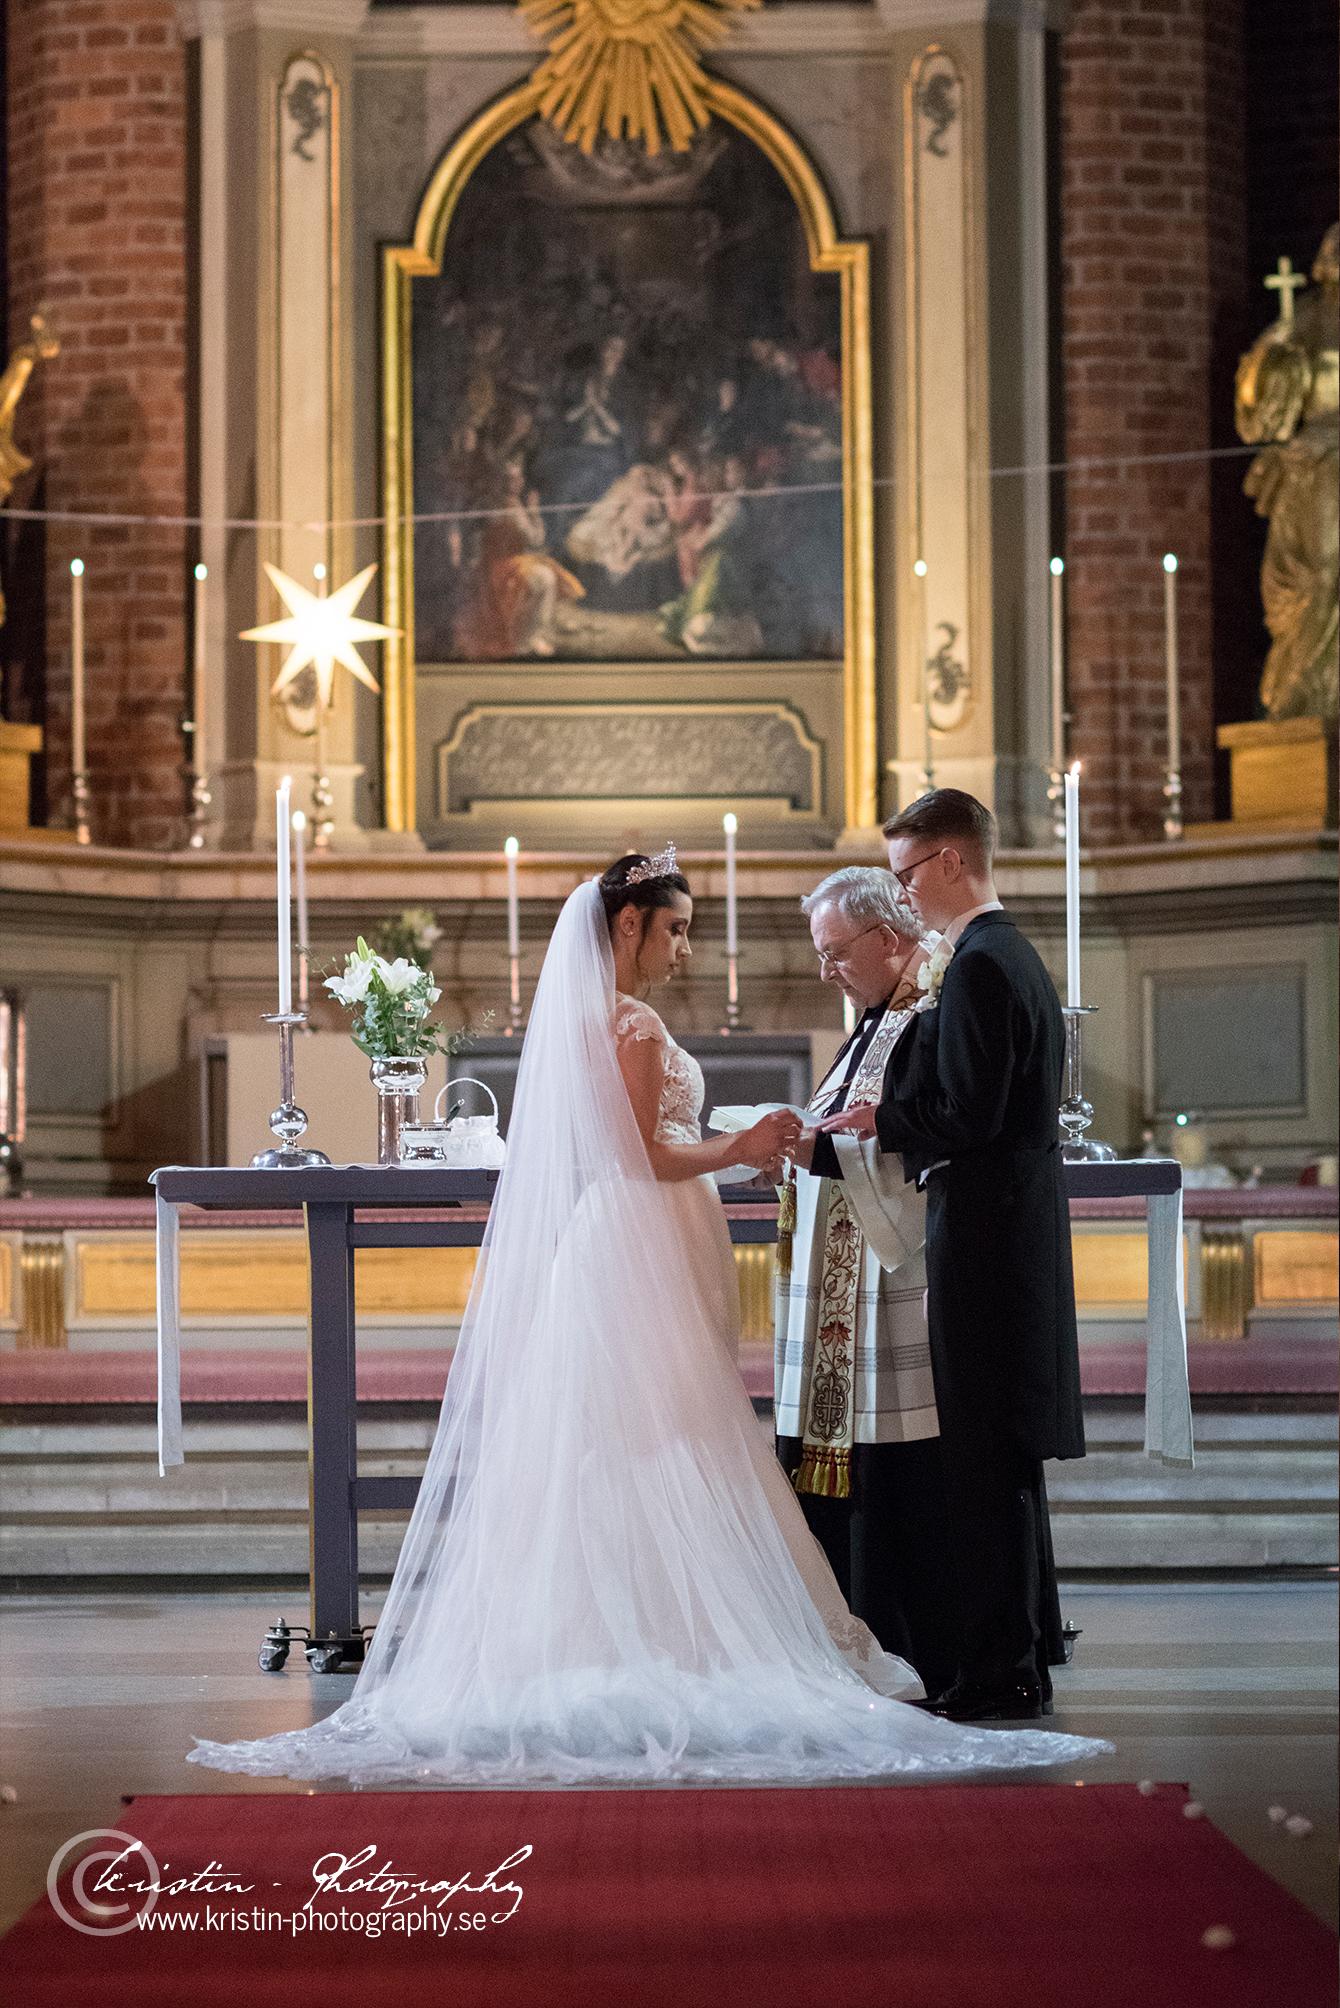 Bröllopsfotograf i Eskilstuna, Kristin - Photography, weddingphotographer -4c.jpg